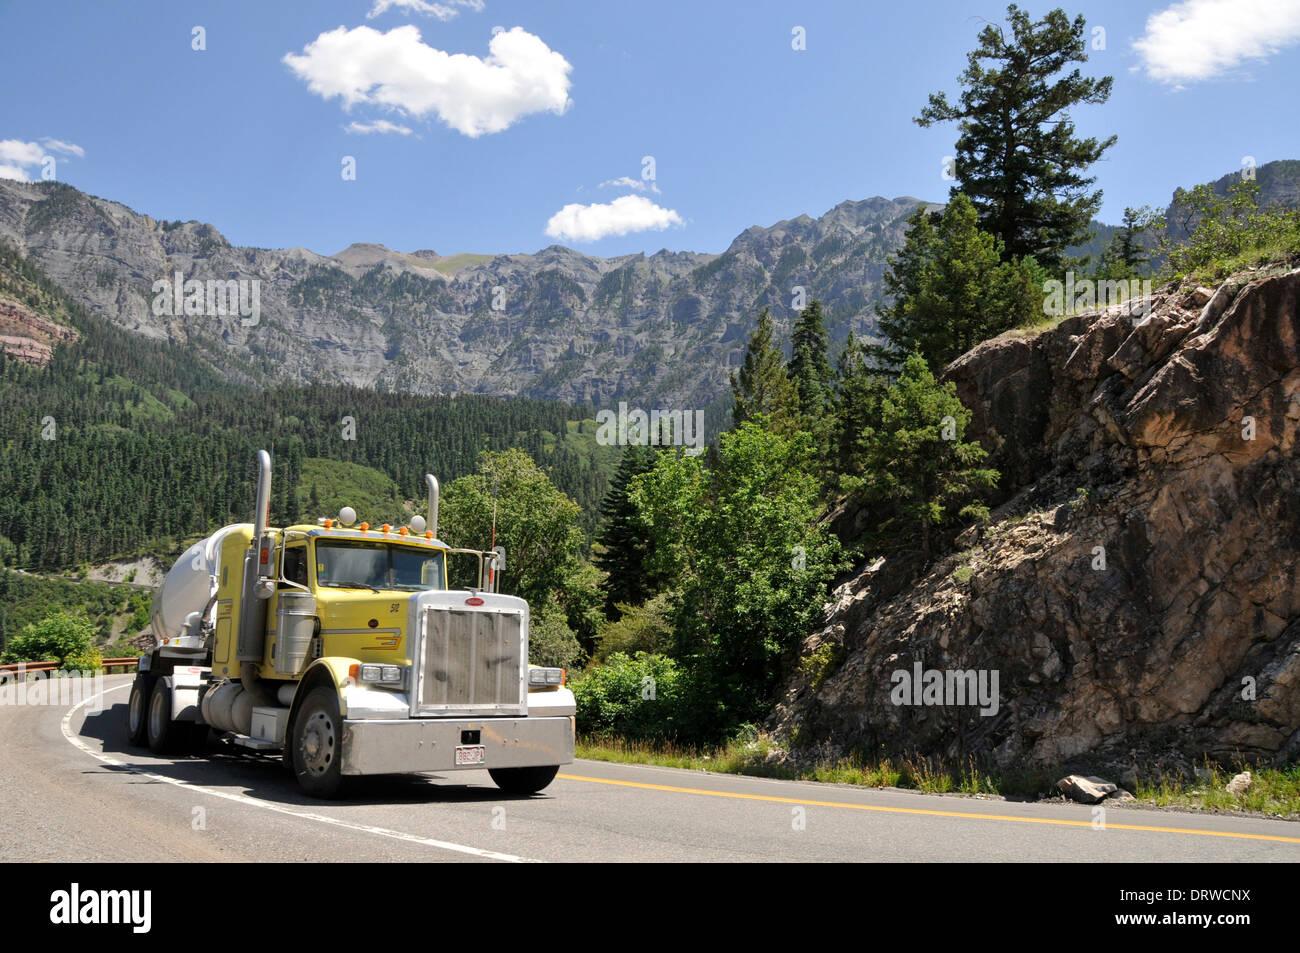 Große gelbe Lastwagen und Rigg klettern die kurvenreiche Landstraße aber die Rockies mit blauem Himmel Stockbild